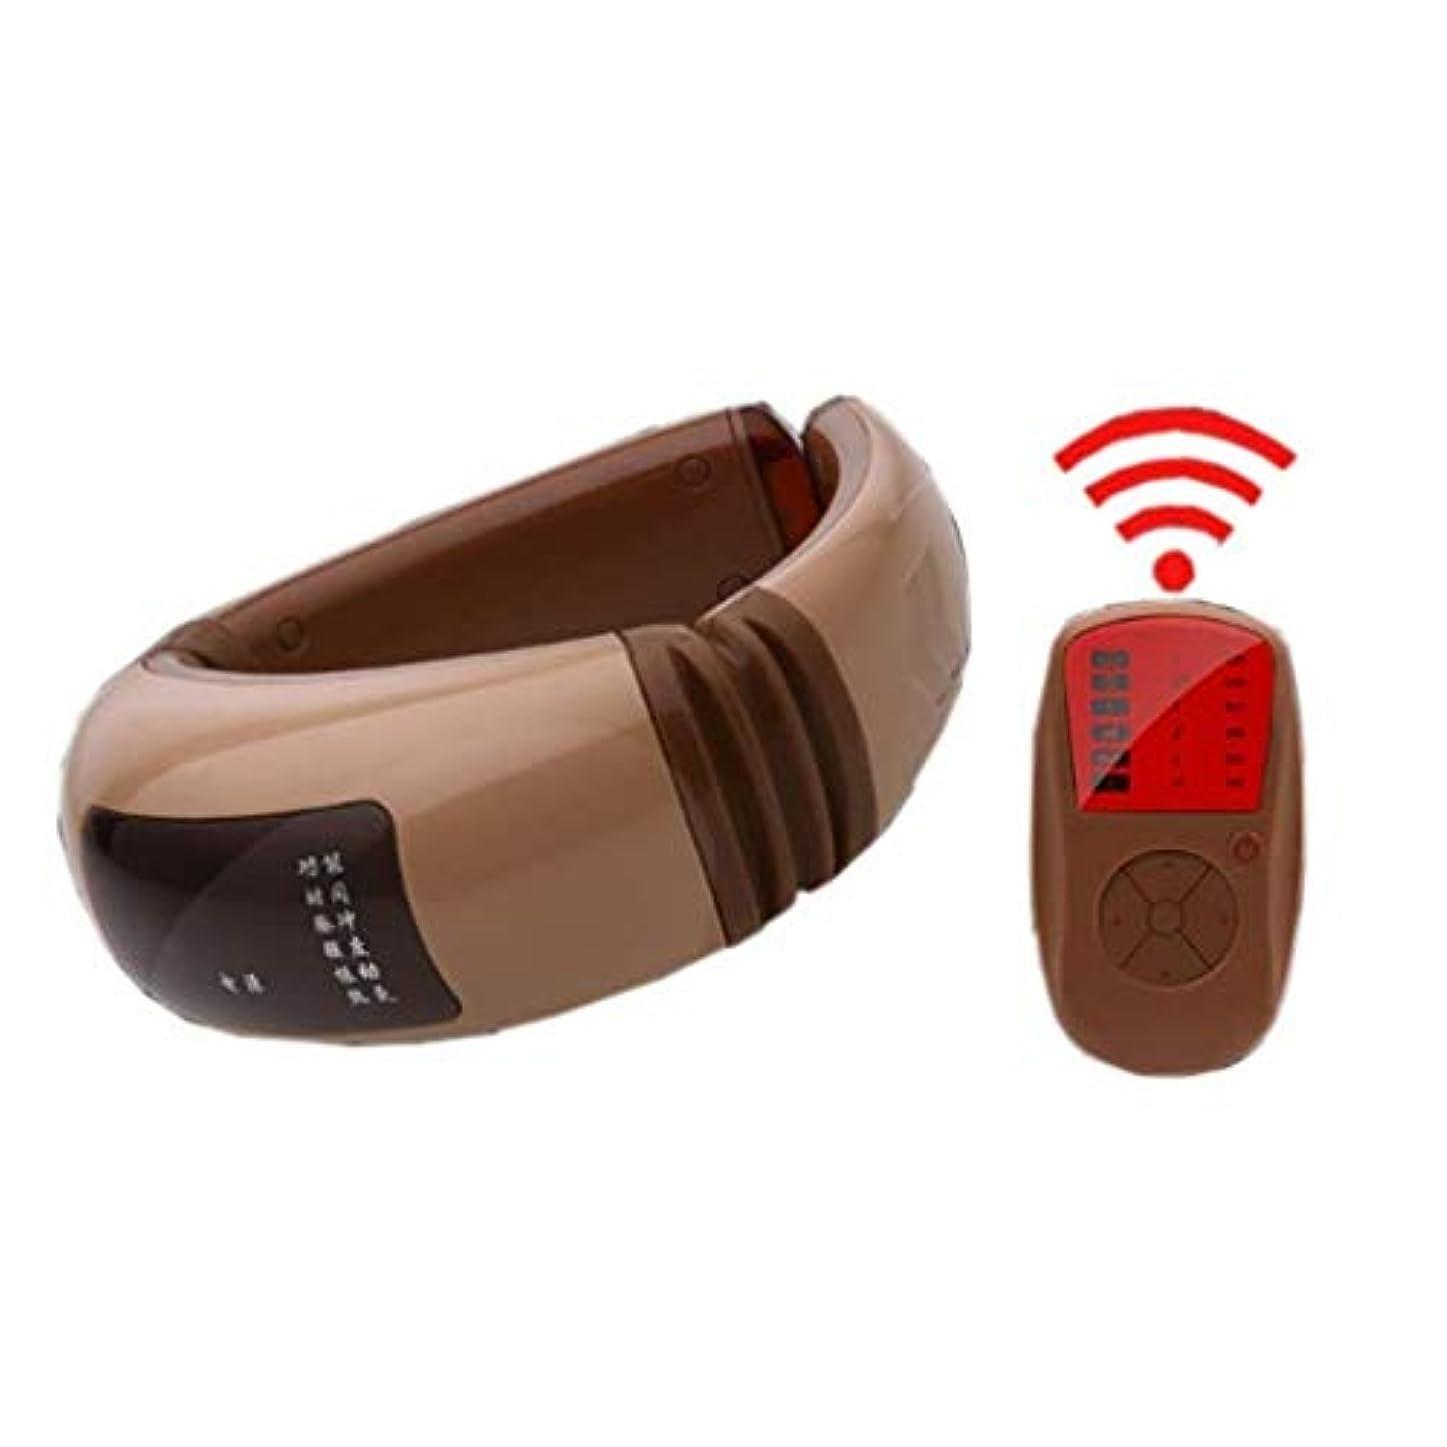 貞パウダー道を作るマッサージャー、ポータブルスマートネック振動マッサージャー、USB充電、デジタルディスプレイ、車のホームオフィスで使用